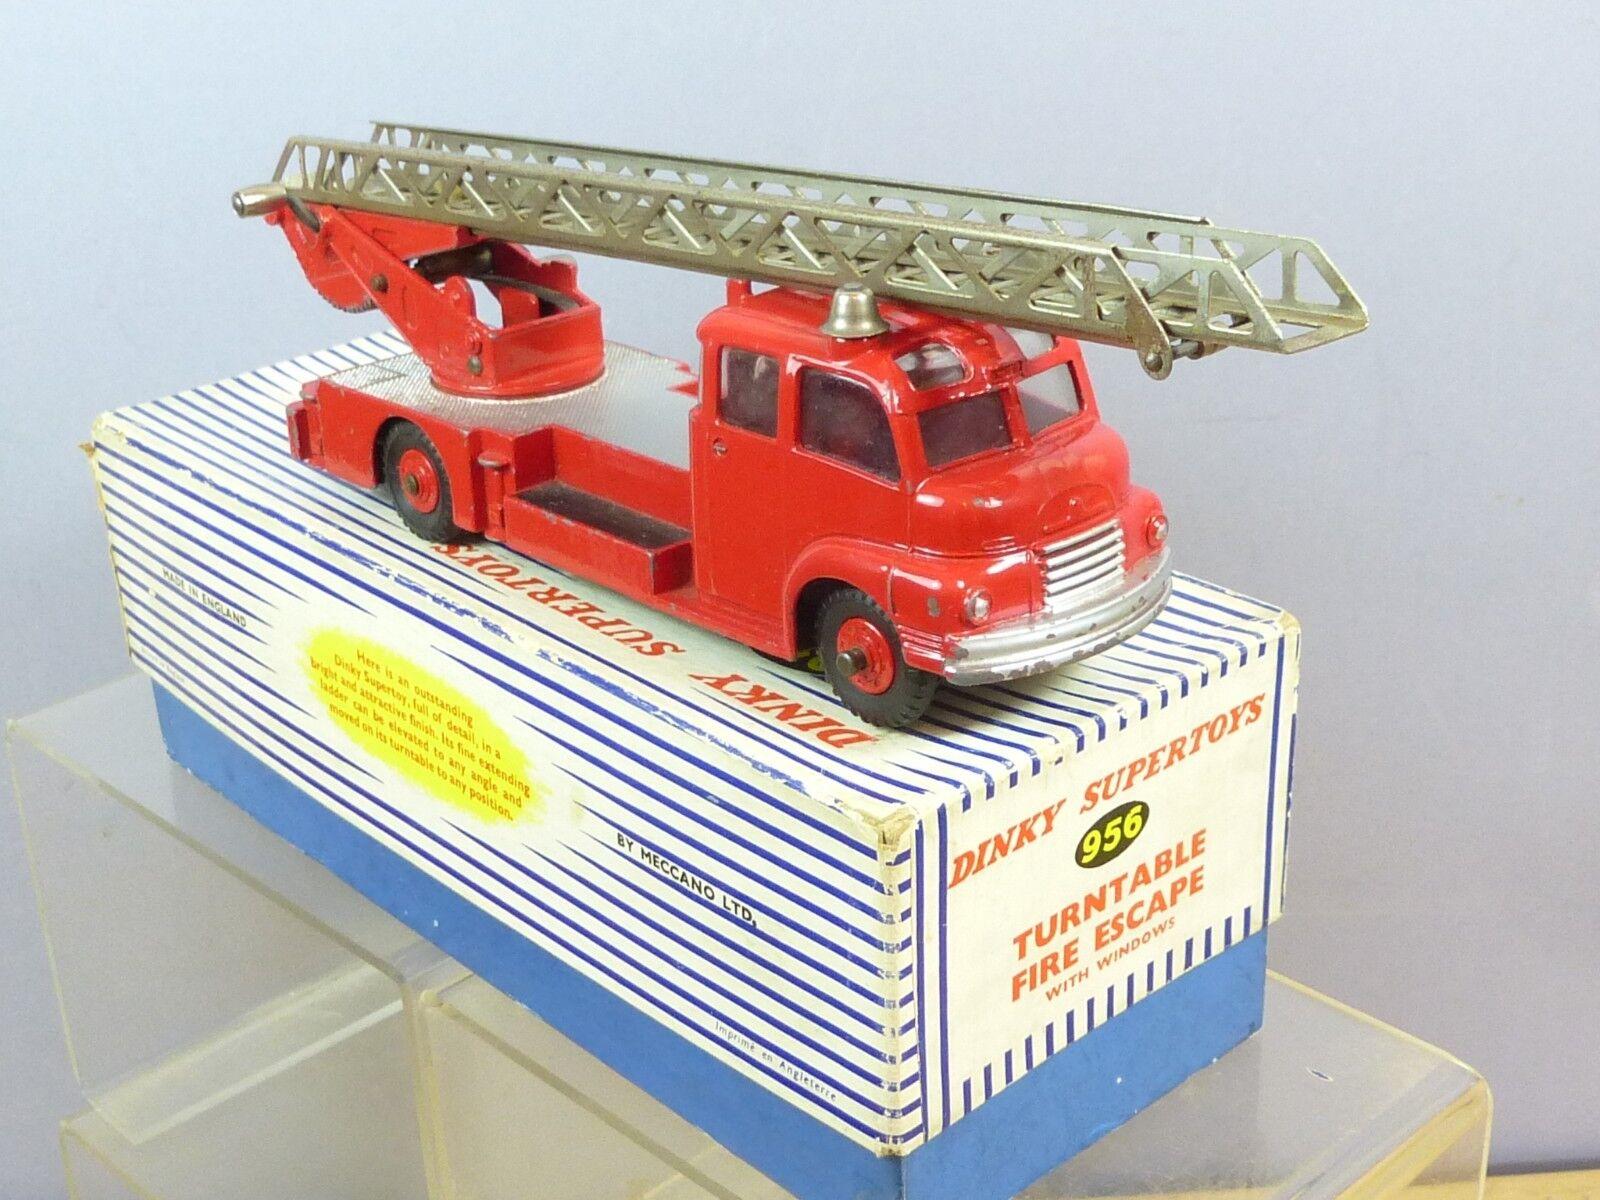 Vintage DINKY SUPERTOYS Model No. 956  pour platine Fire Engine avec Windows VN En parfait état, dans sa boîte  chaud